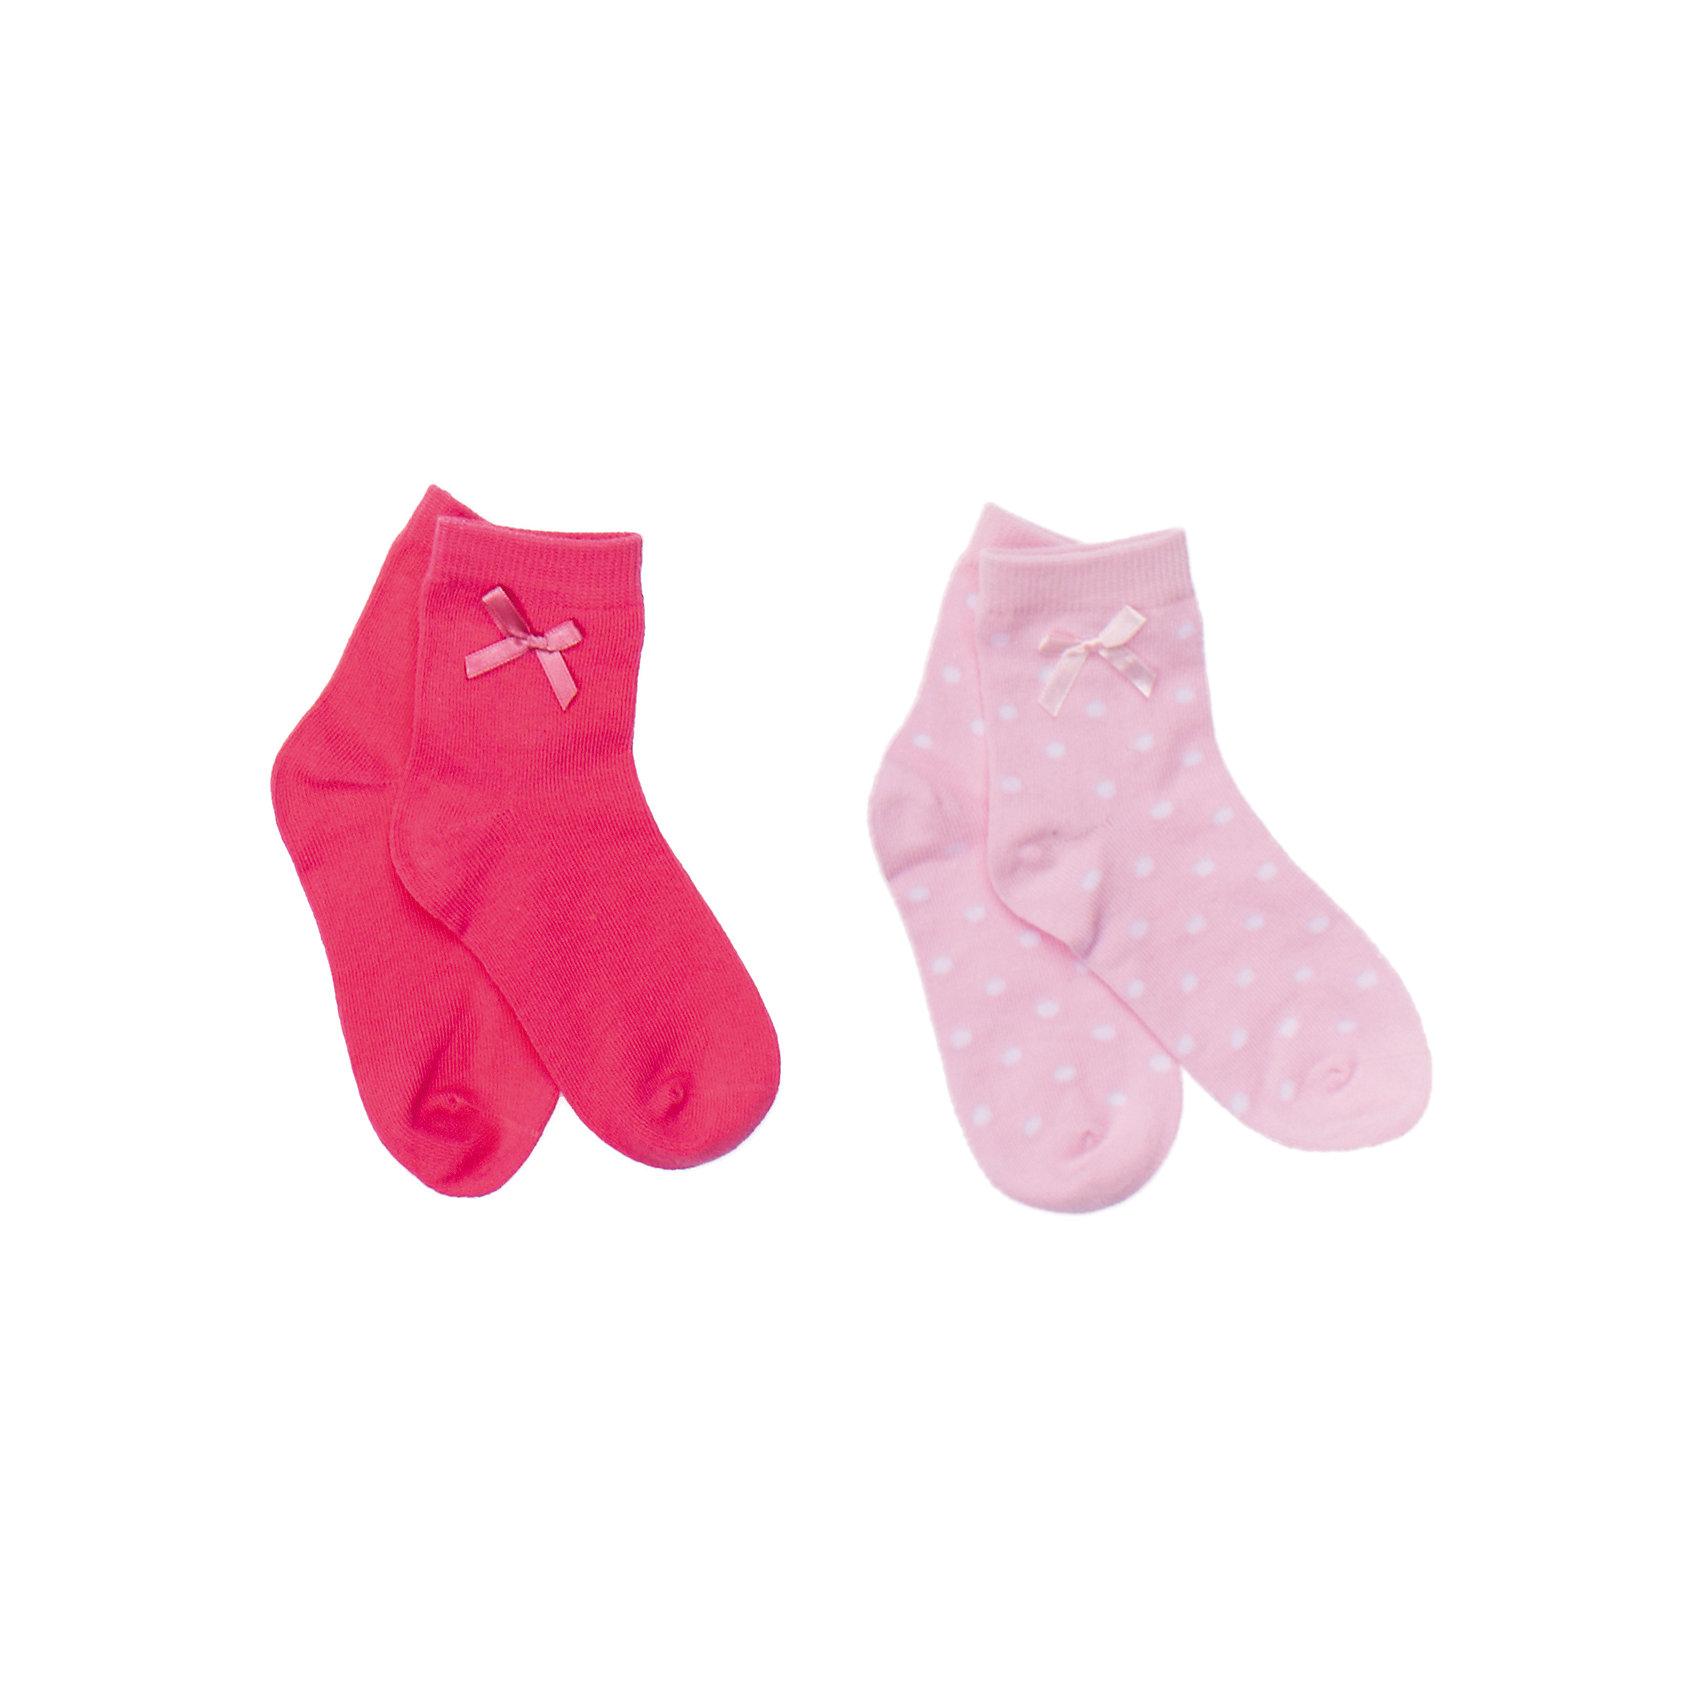 Носки (2 шт.) для девочки PlayTodayКомплект из двух пар носочков. Цвета - фуксия и нежно-розовый в горошек. Мягкие и уютные, украшены атласными бантиками. Состав: 75% хлопок, 22% нейлон, 3% эластан<br><br>Ширина мм: 87<br>Глубина мм: 10<br>Высота мм: 105<br>Вес г: 115<br>Цвет: розовый<br>Возраст от месяцев: 15<br>Возраст до месяцев: 24<br>Пол: Женский<br>Возраст: Детский<br>Размер: 14,18,16<br>SKU: 4652739